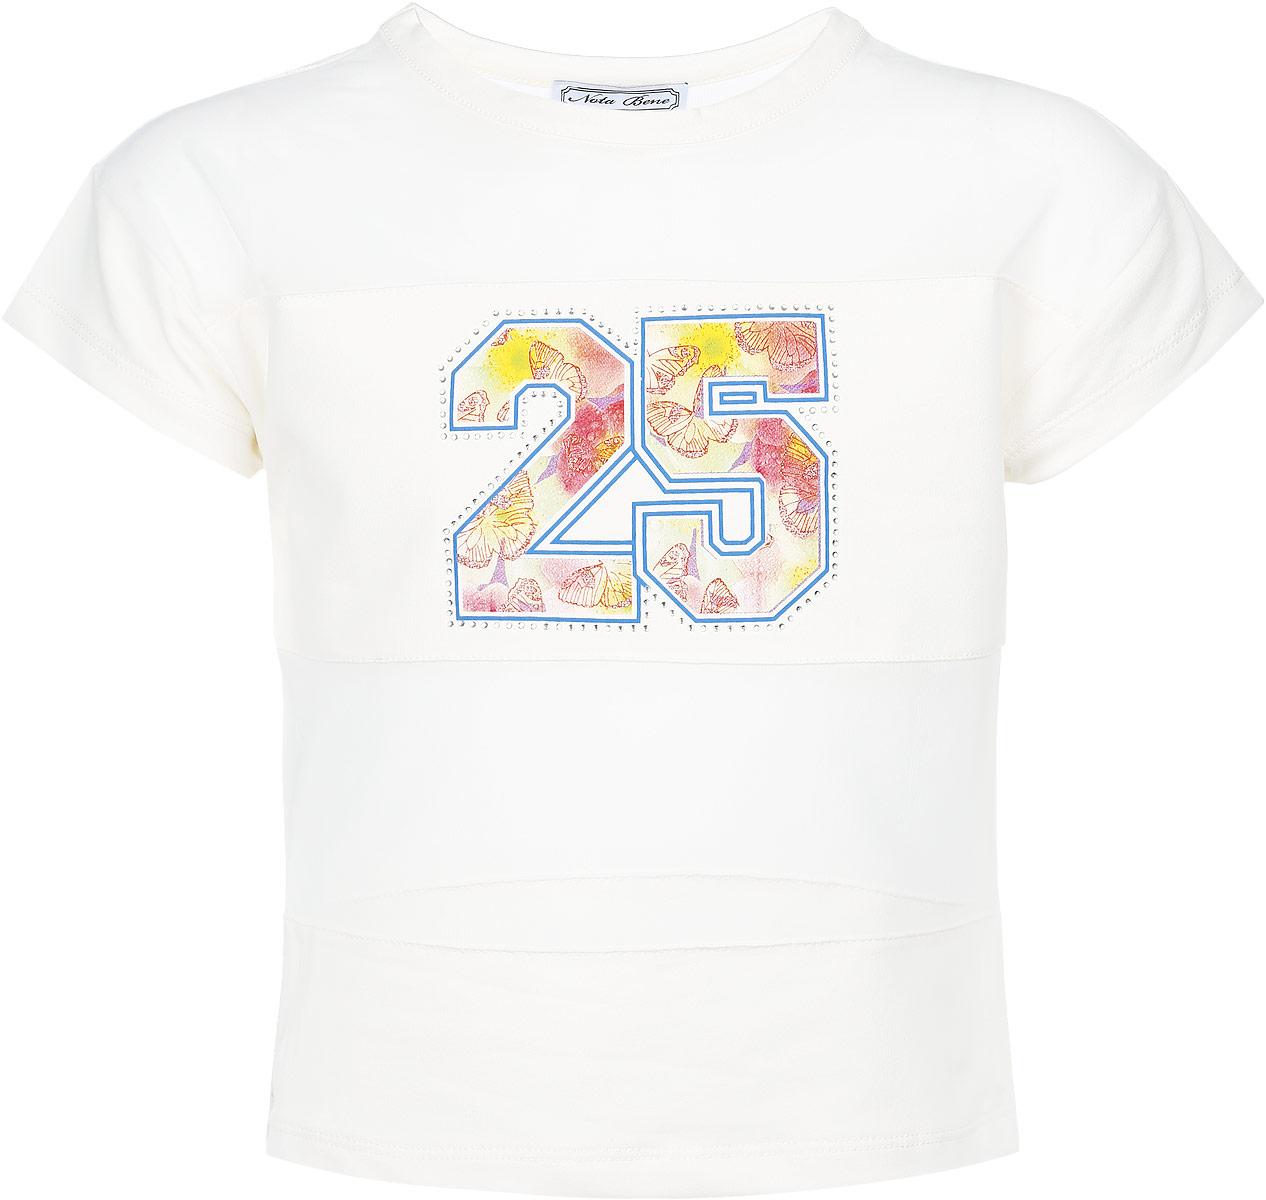 SS162G5341-1Стильная футболка для девочки Nota Bene идеально подойдет юной моднице и станет отличным дополнением к ее гардеробу. Модель выполнена из комбинированной ткани - трикотажа и мягкой микросетки. Она очень мягкая и приятная на ощупь, не сковывает движения ребенка и позволяет коже дышать, обеспечивая наибольший комфорт. Модель с круглым вырезом горловины и короткими рукавами оформлена оригинальным принтом, украшенным стразами и блестящим напылением. В такой футболке ребенок будет чувствовать себя комфортно, уютно и всегда будет в центре внимания!